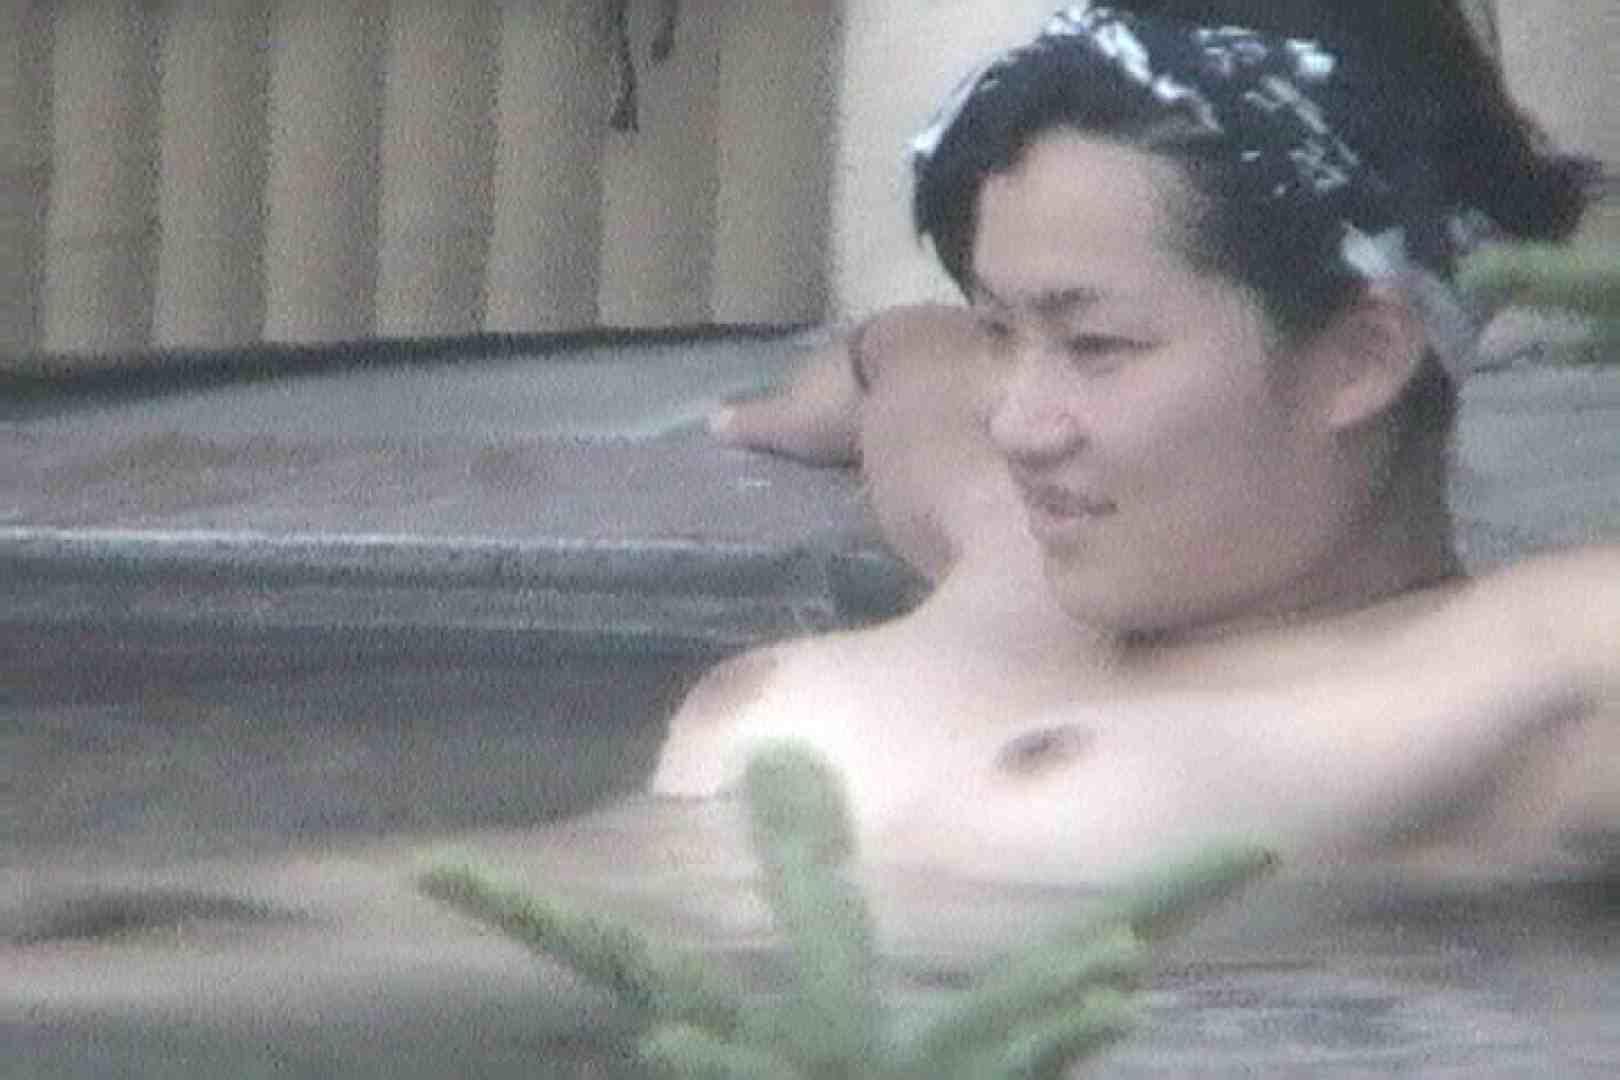 Aquaな露天風呂Vol.103 露天 | 盗撮  57画像 55